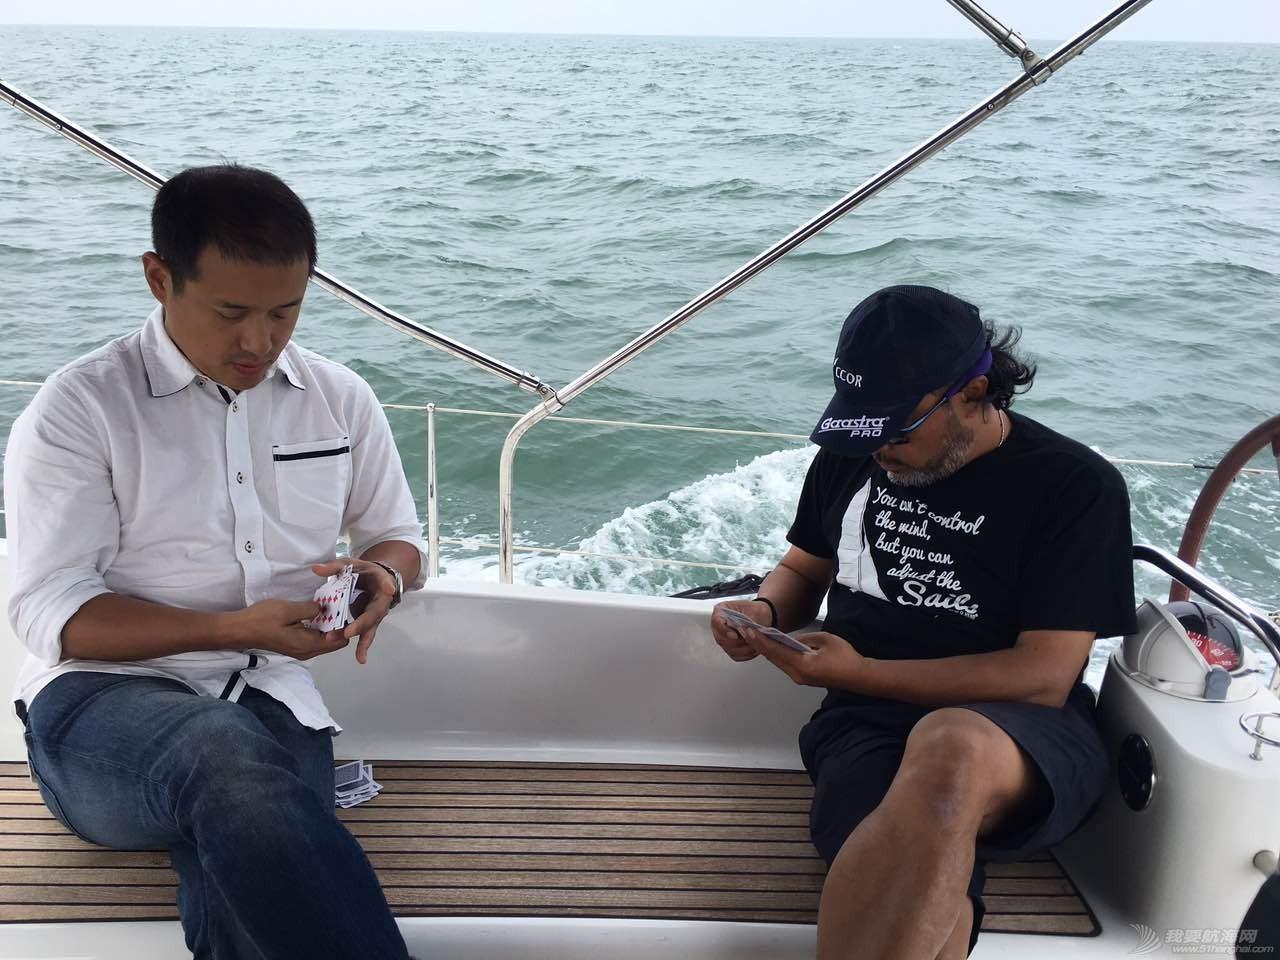 拉力赛,渤海,长航,记录 终其一生,做不完的航海梦!——记录人生第一次的风帆长航,环渤海拉力赛2016 3.jpg